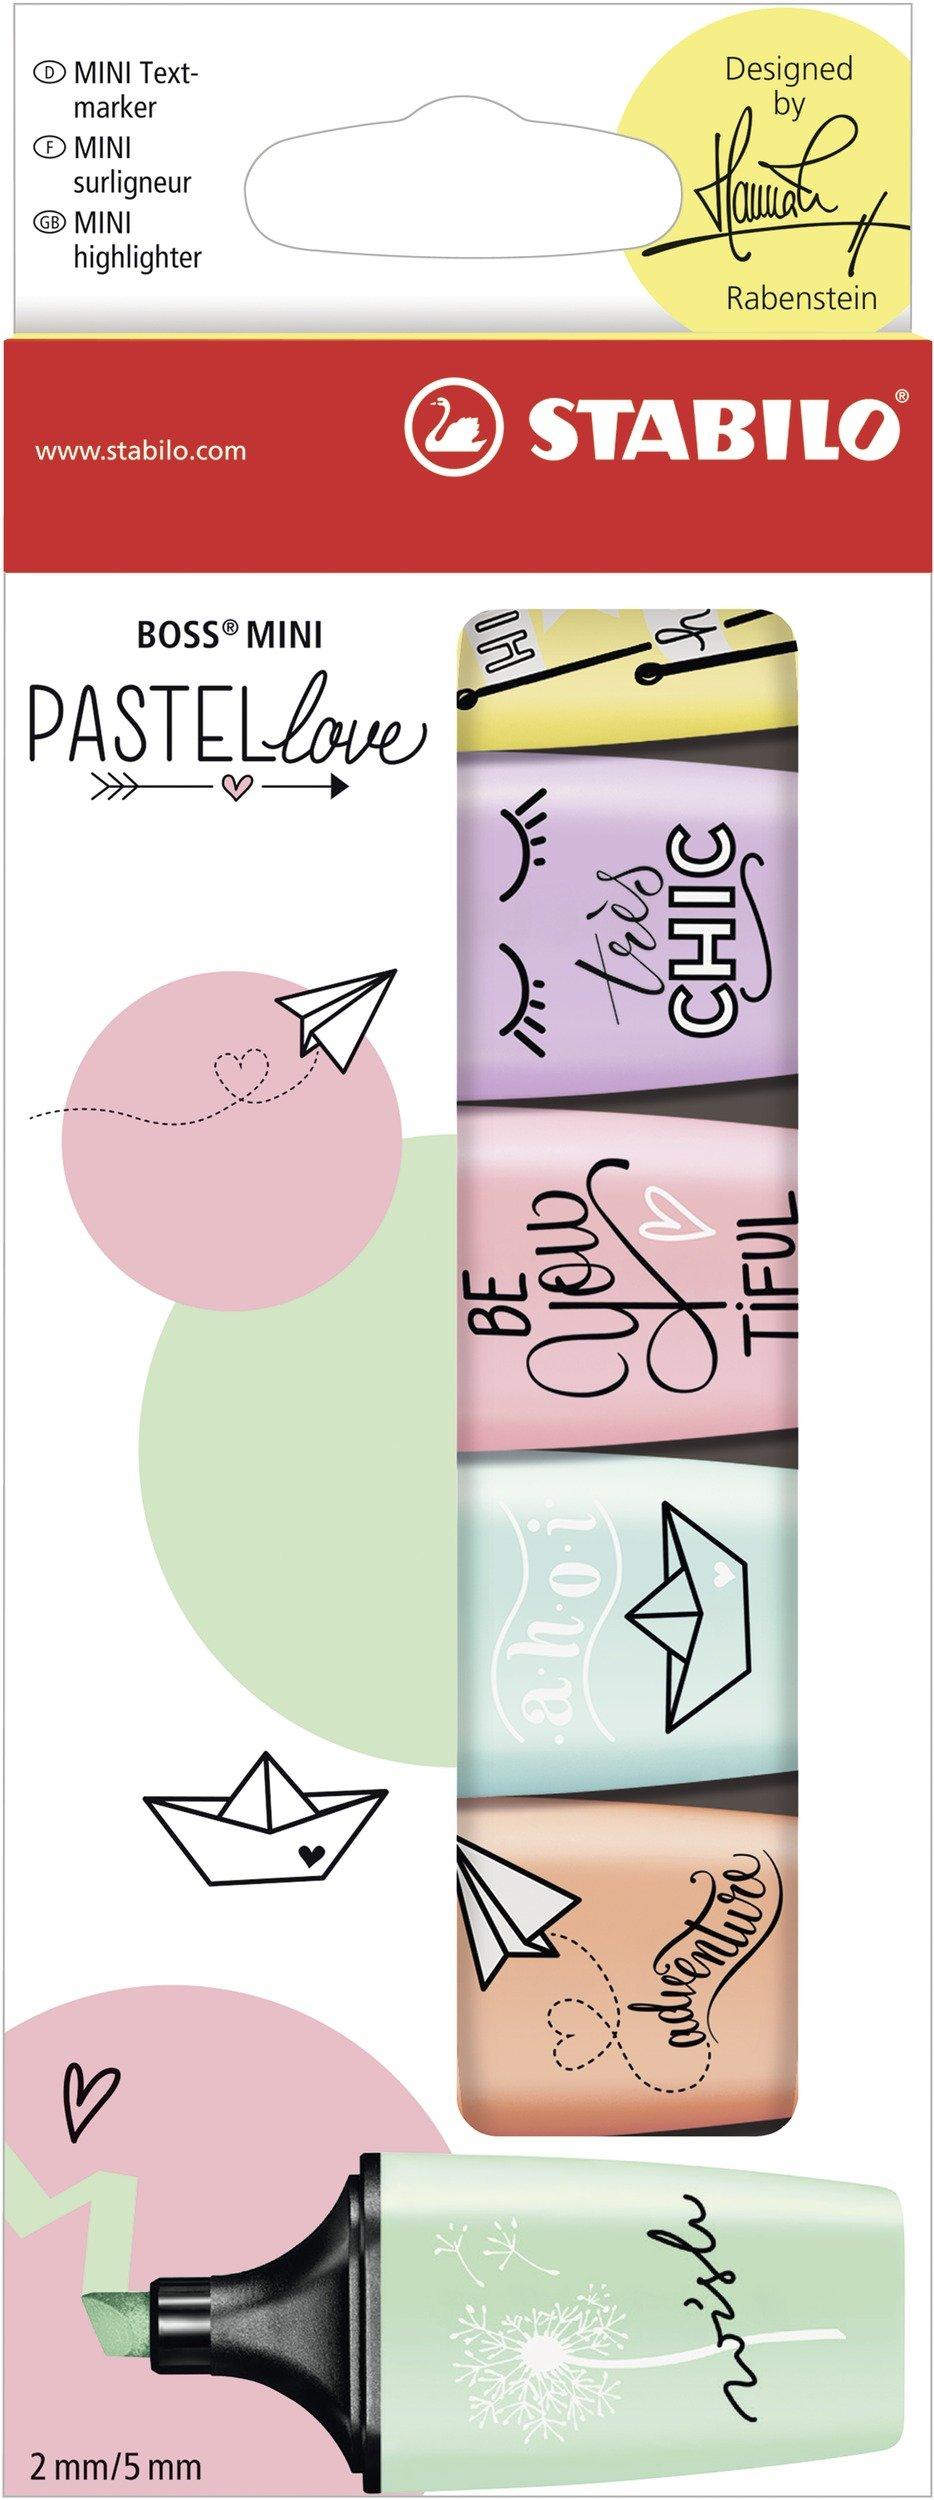 Marcador pastel STABILO BOSS mini – Edición Pastel Love – Estuche con 6 colores